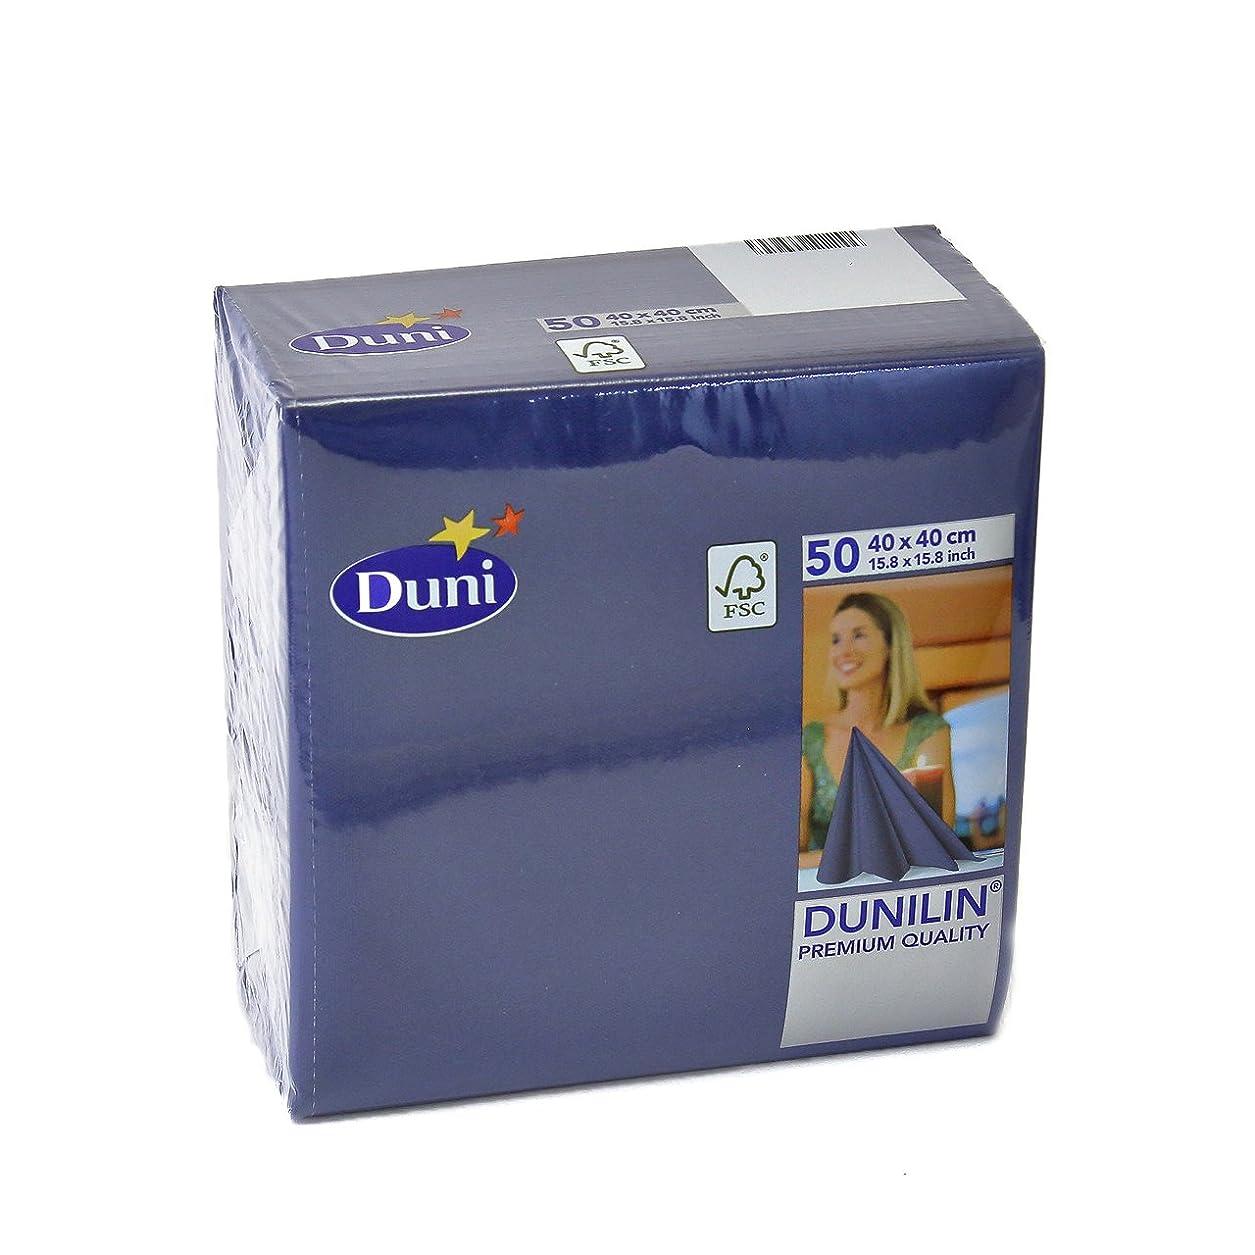 解釈するけん引愛情DUNI Dunilin 高級紙ナプキン 40x40cm ダークブルー 50枚入り